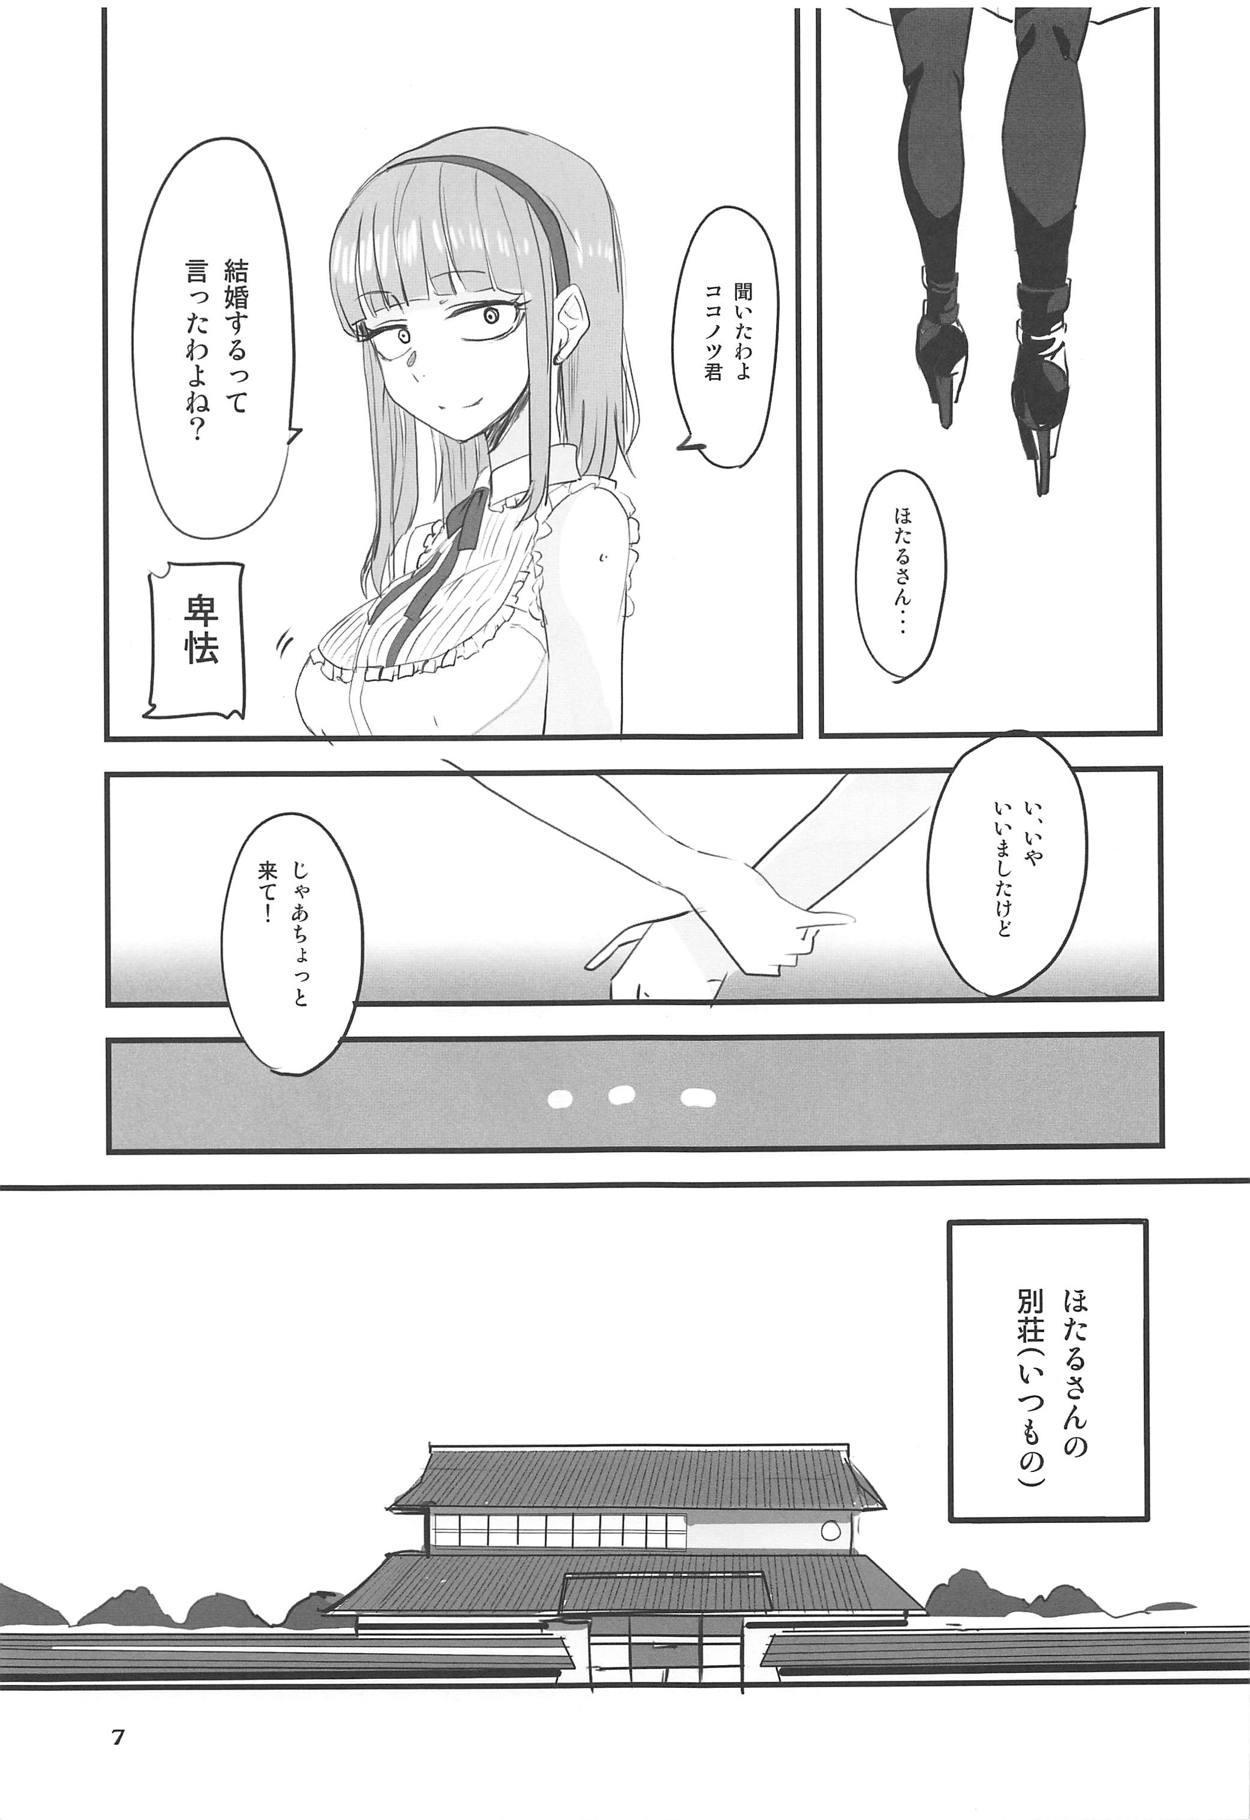 Dagashi Chichi 9 5